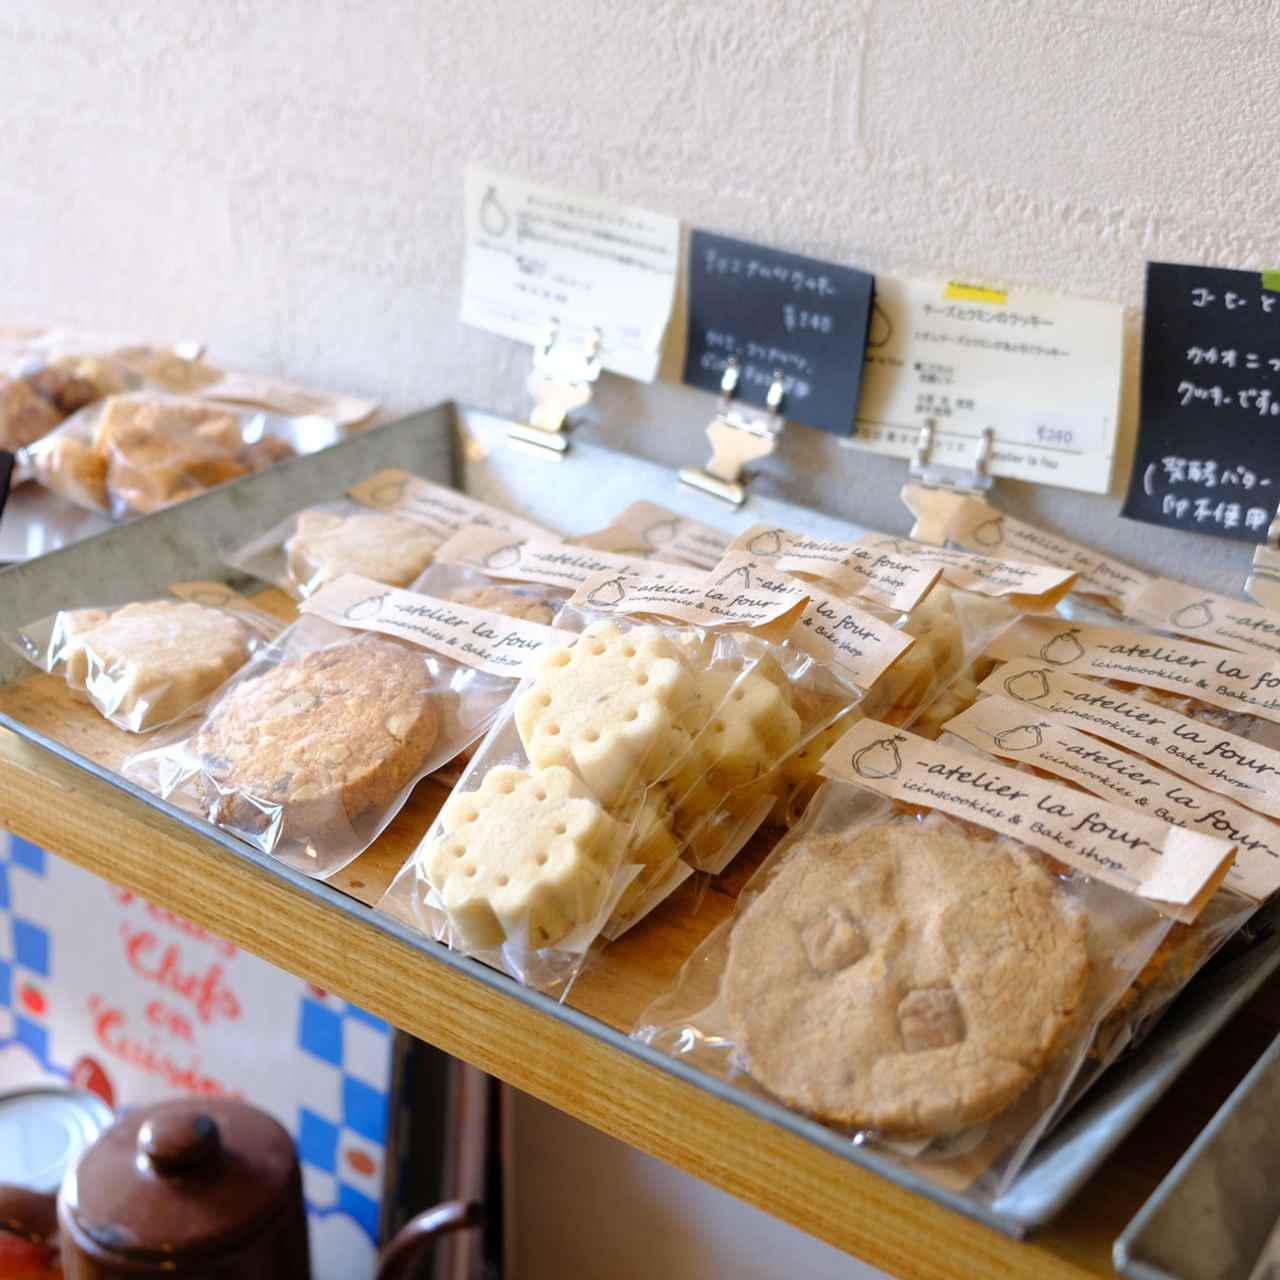 画像: 小さなお店に様々な焼き菓子が並ぶアトリエラフール。今回、購入したものは旅の前にあらかじめ予約していたものです。